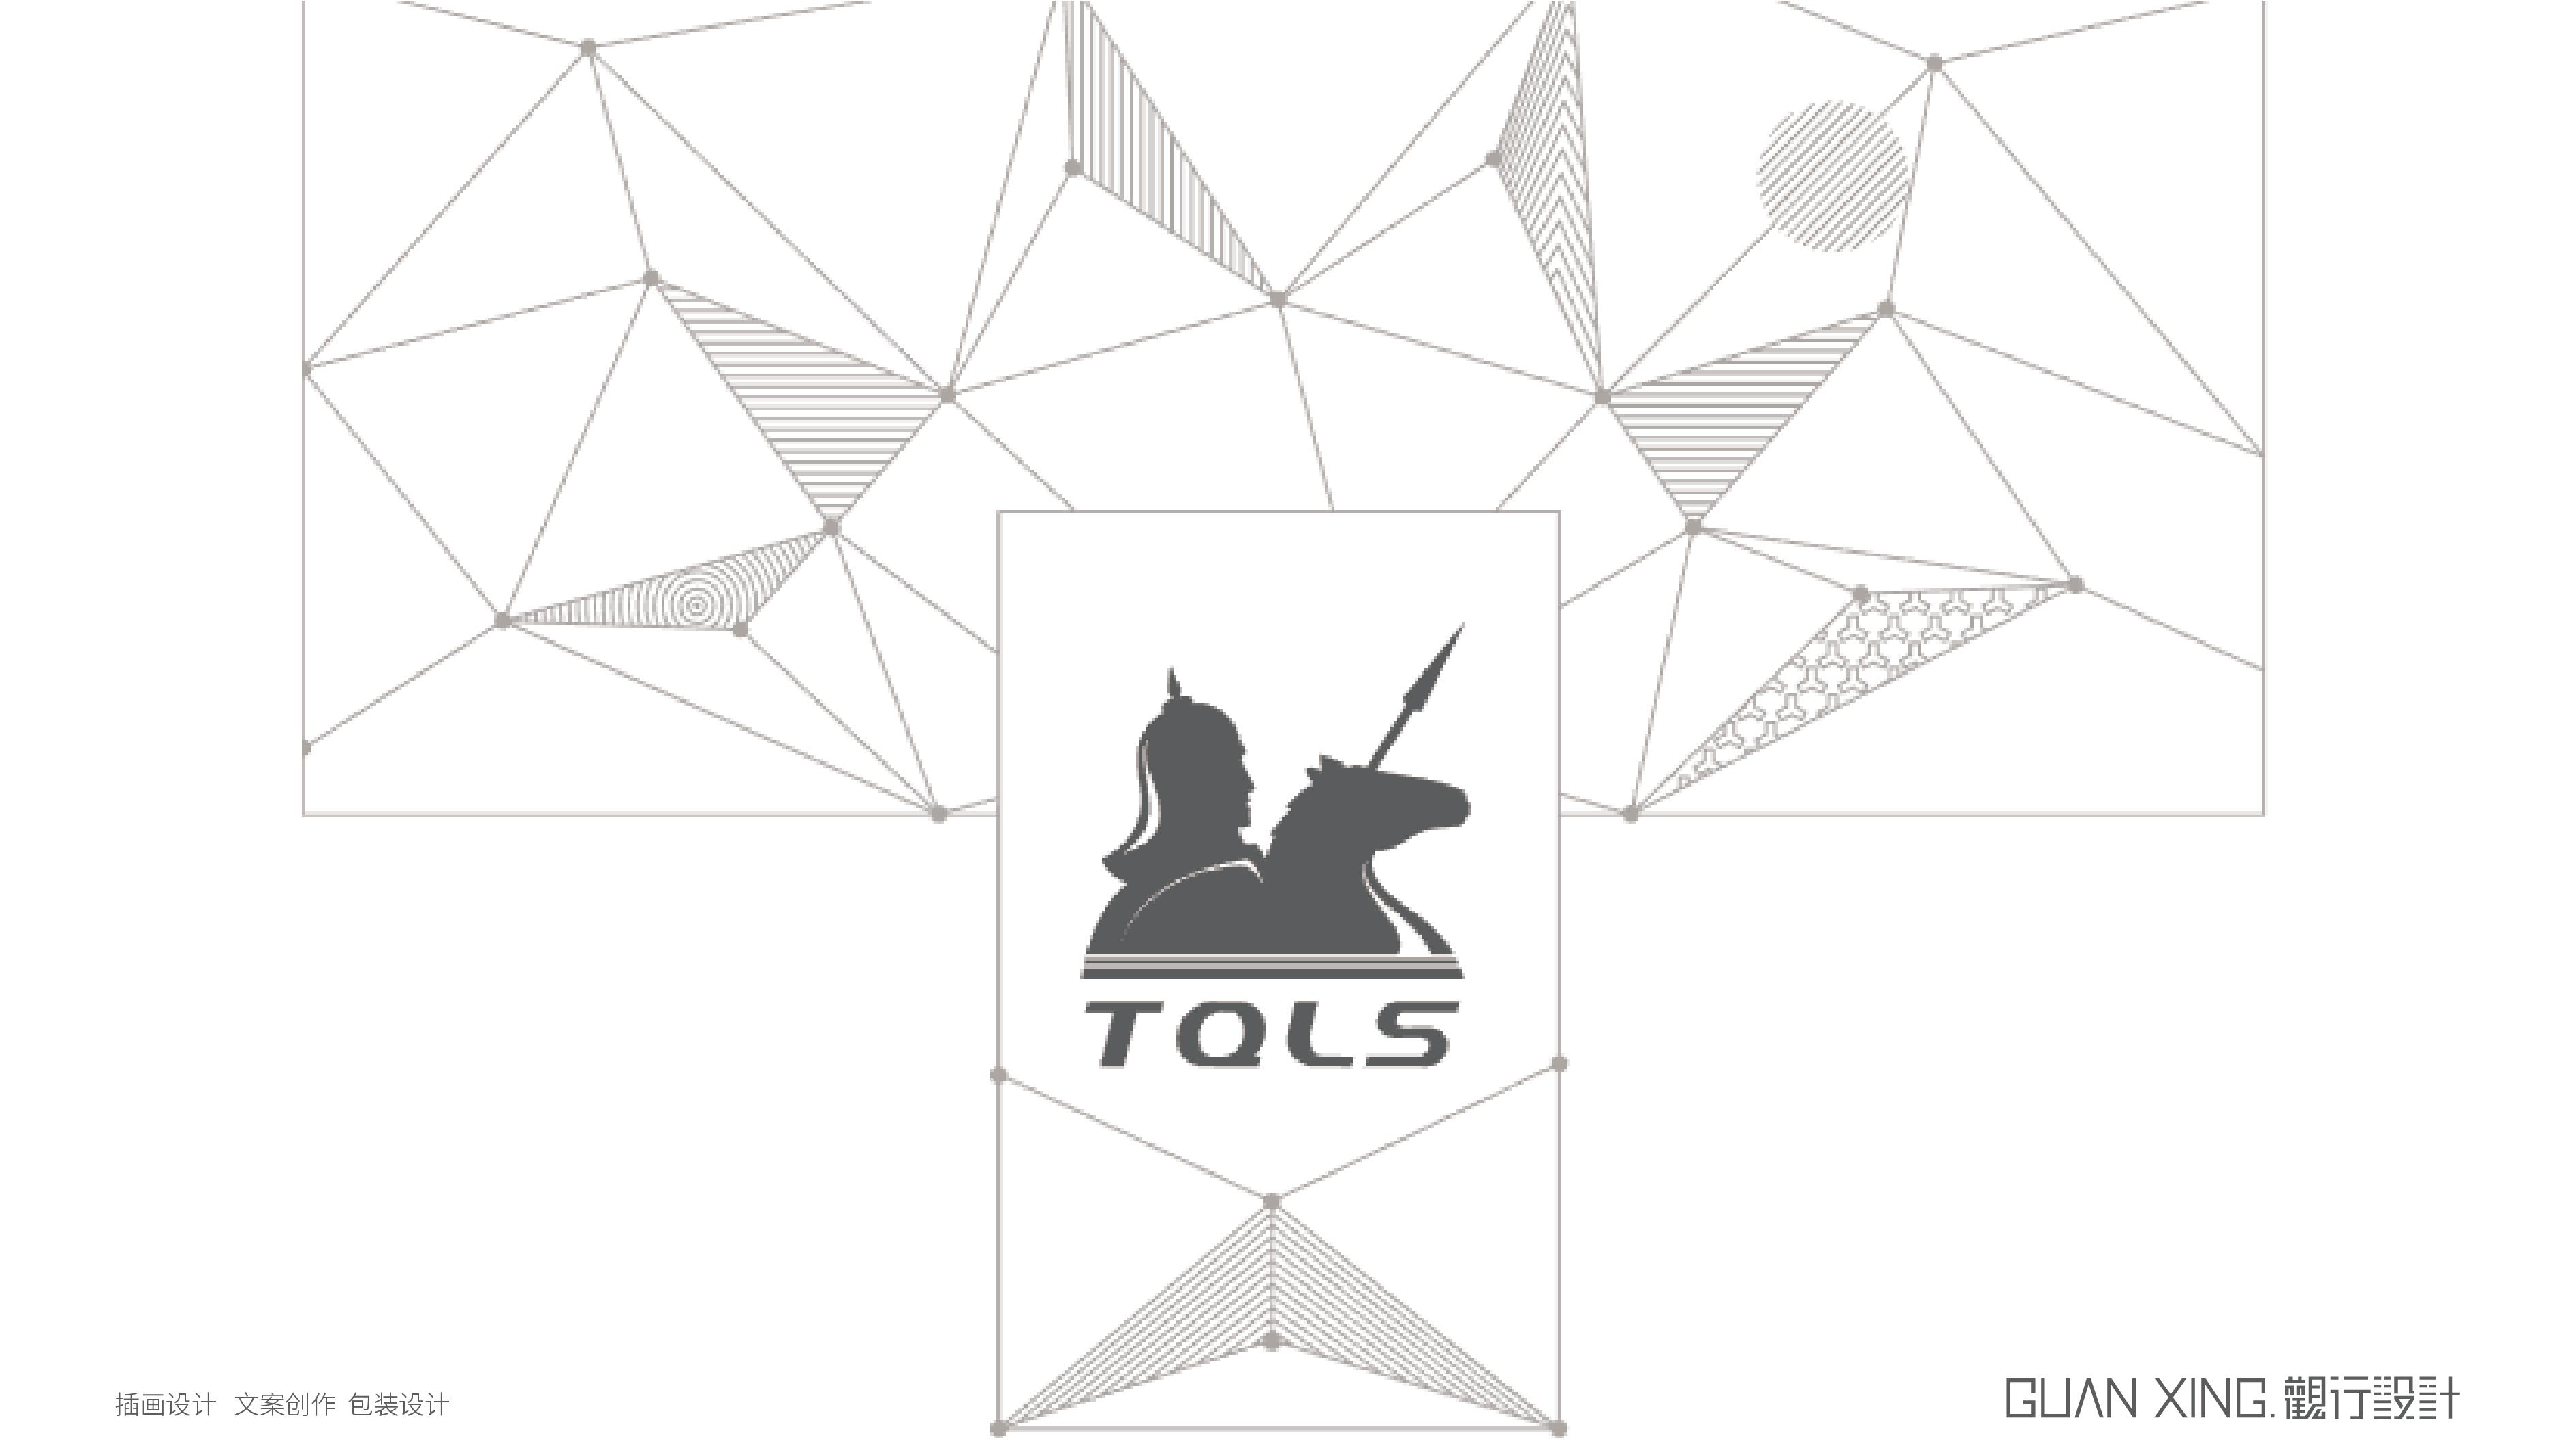 鐵騎力士禮盒-鐵騎力士禮盒-01